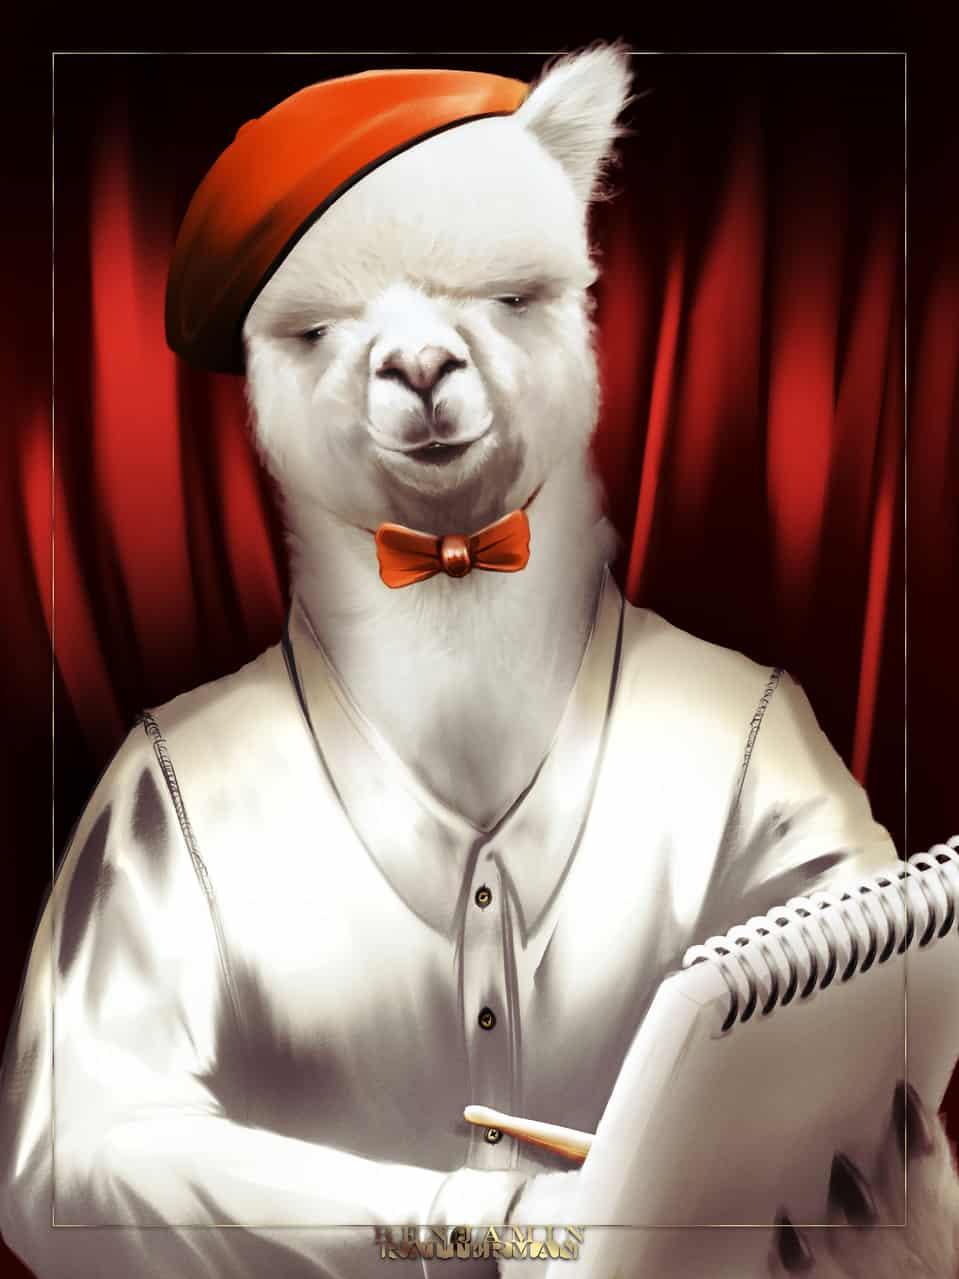 クラウドアルパカ / Cloud Alpaca Illust of Bandit MediBang_General_Election General_Election_CloudAlpaca realistic クラウドアルパカ Alpaca CLIPSTUDIOPAINT Cloud